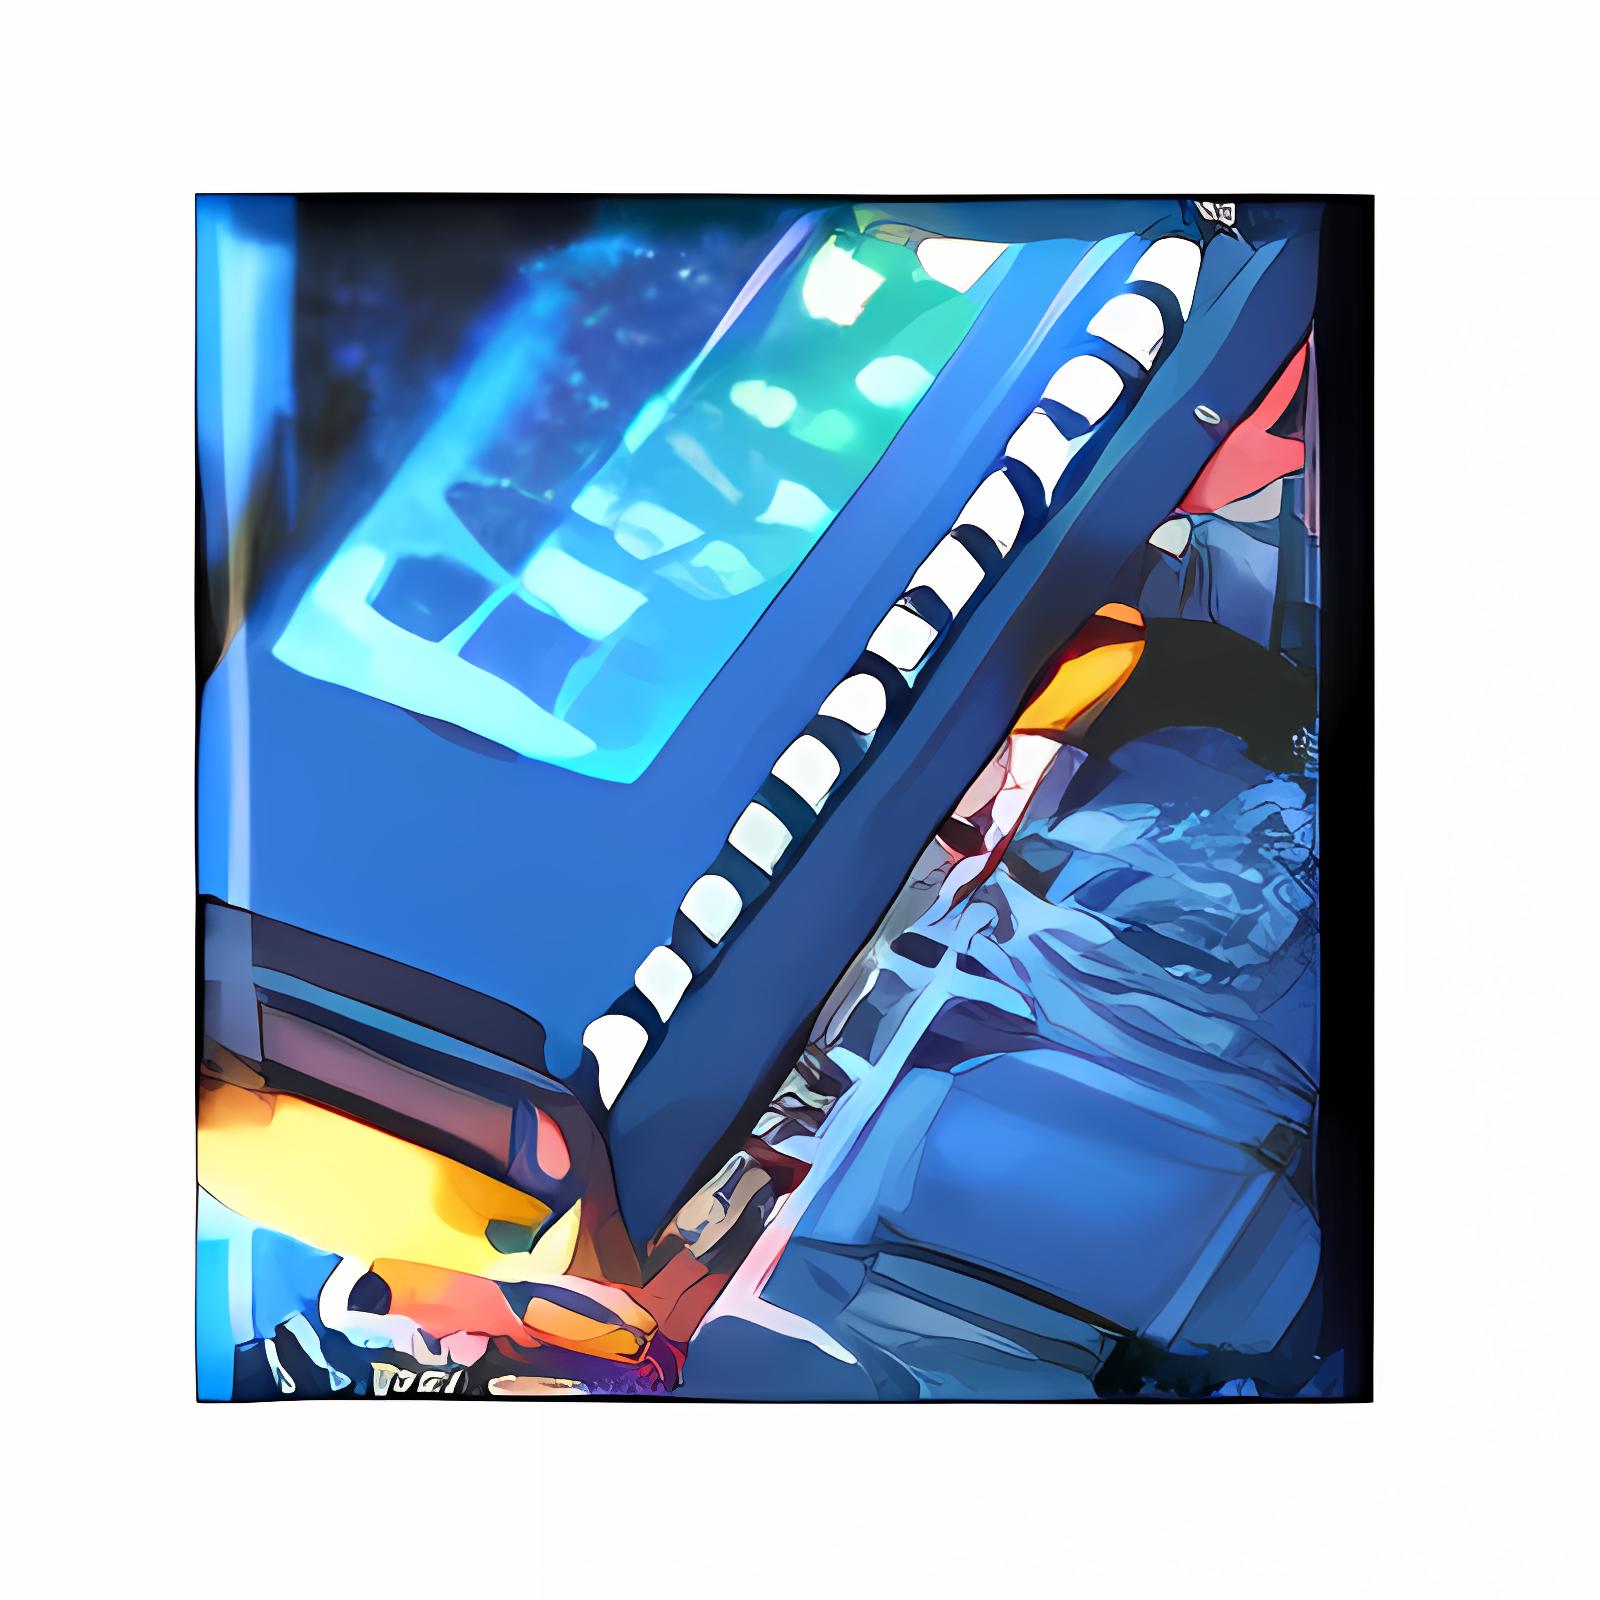 BIOS Kompendium